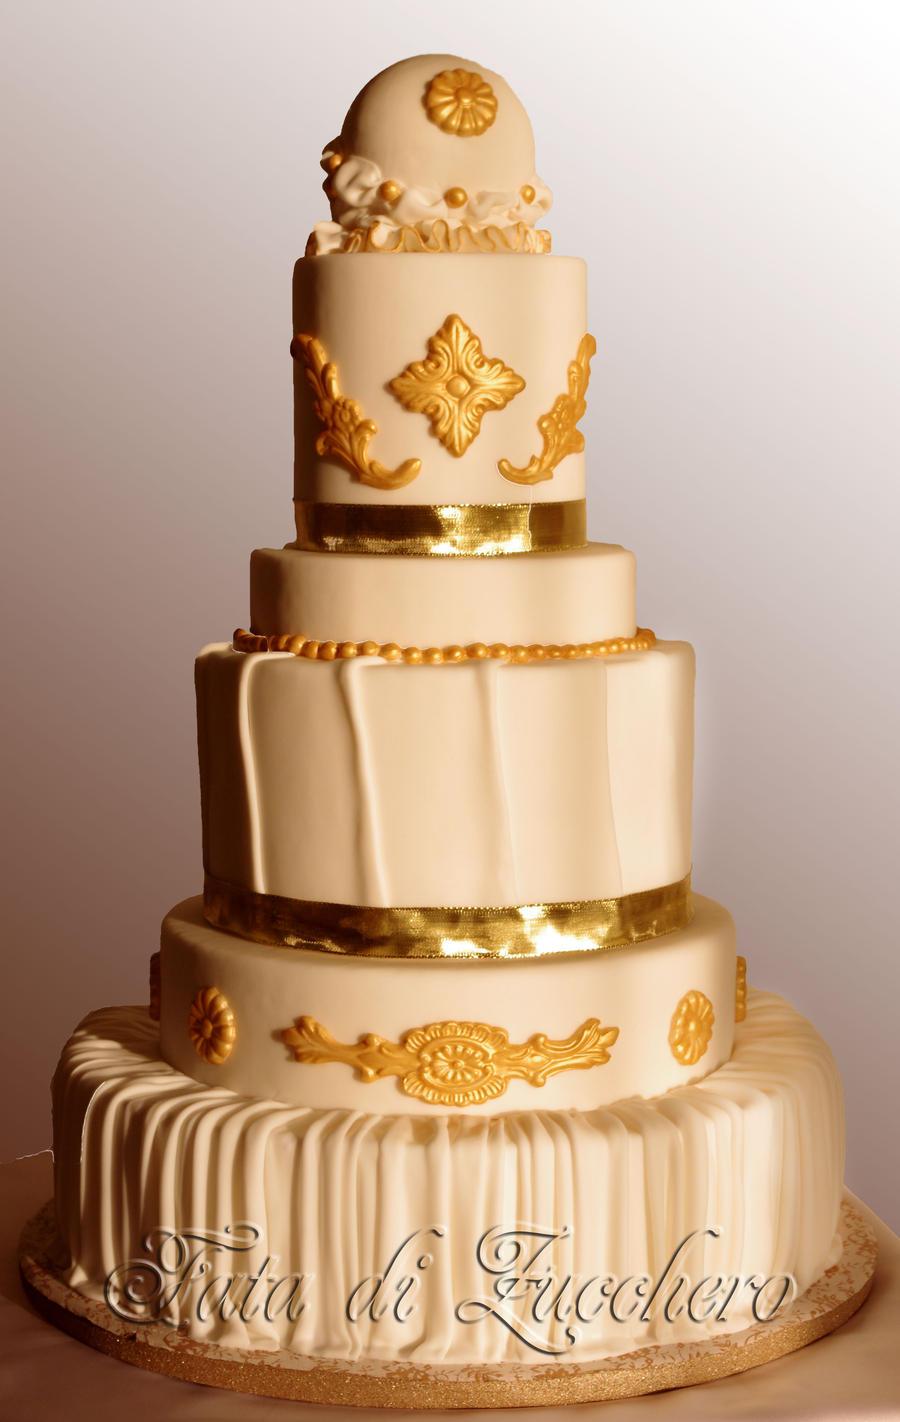 Baroque wedding cake by Dyda81